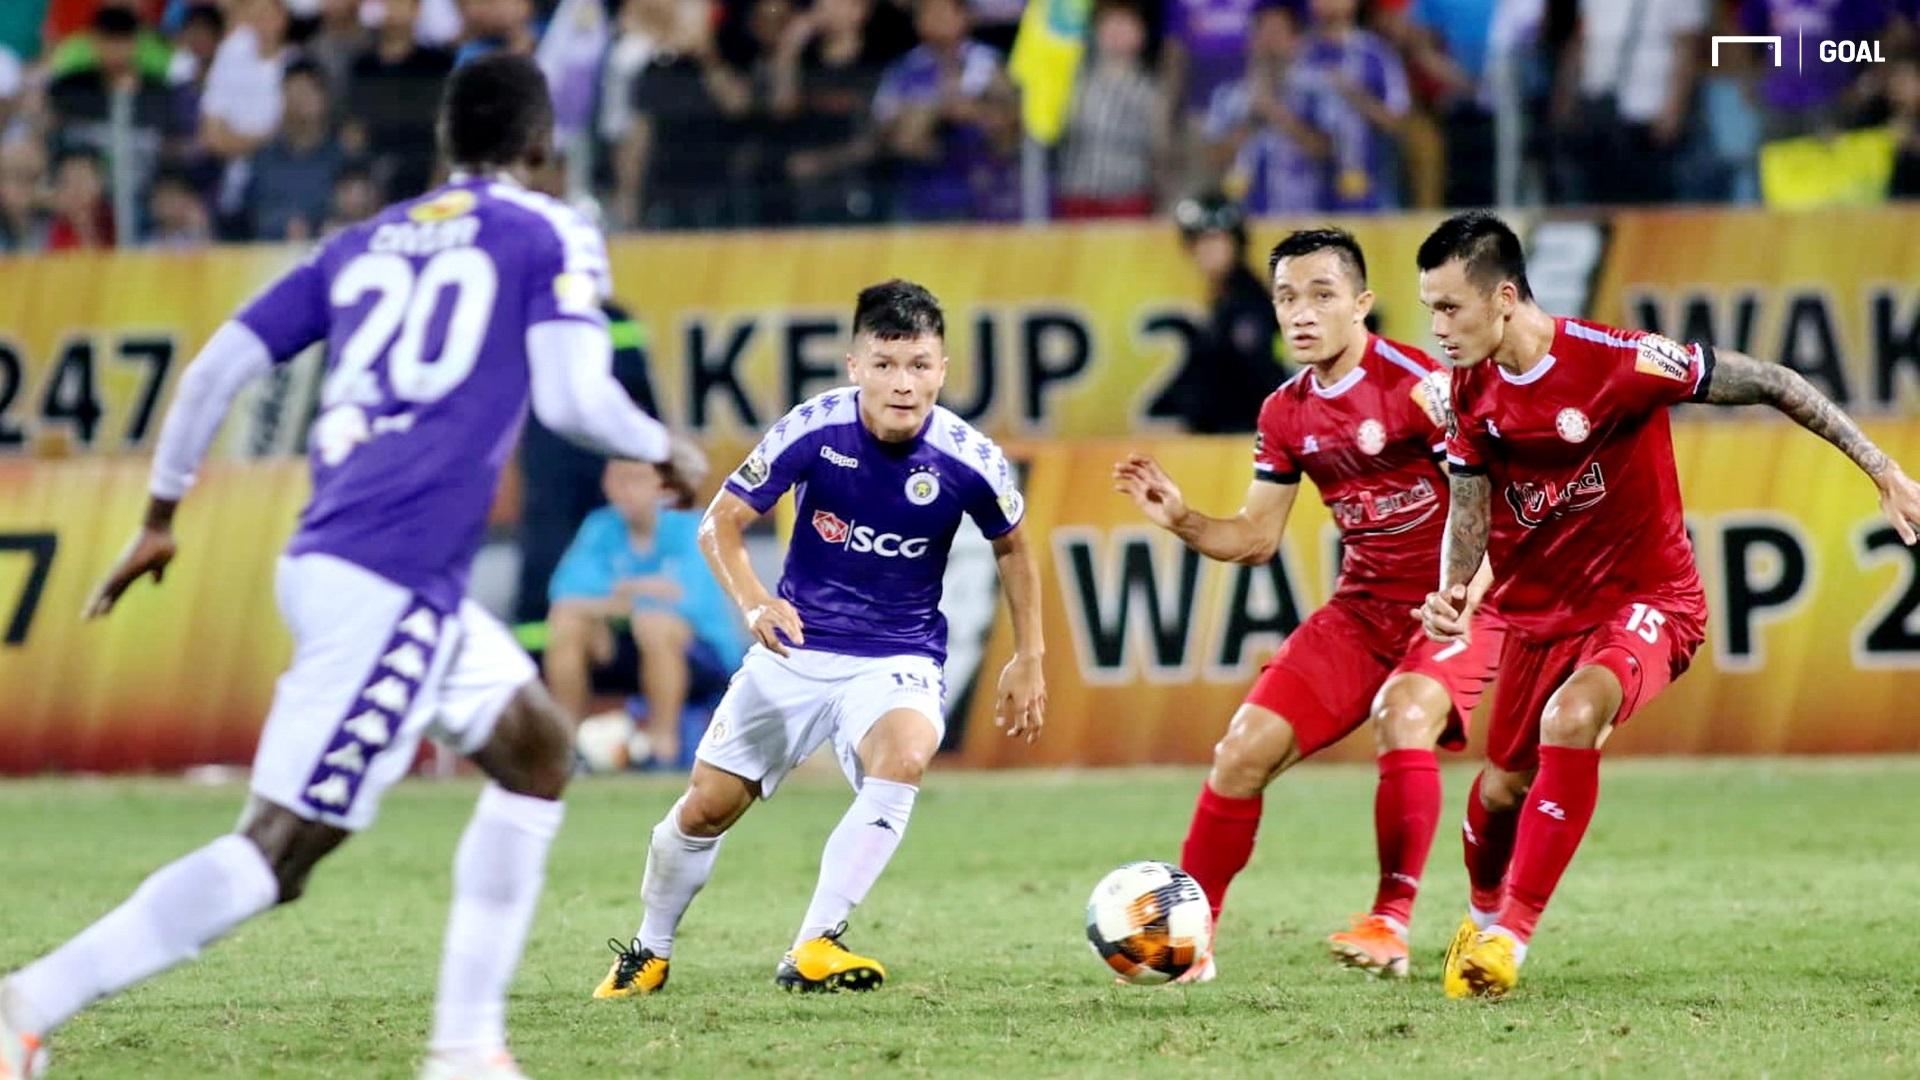 """Chờ gì ở """"Bom tấn"""" tại vòng bán kết Cúp quốc gia 2020 giữa CLB TP HCM và Hà Nội FC"""